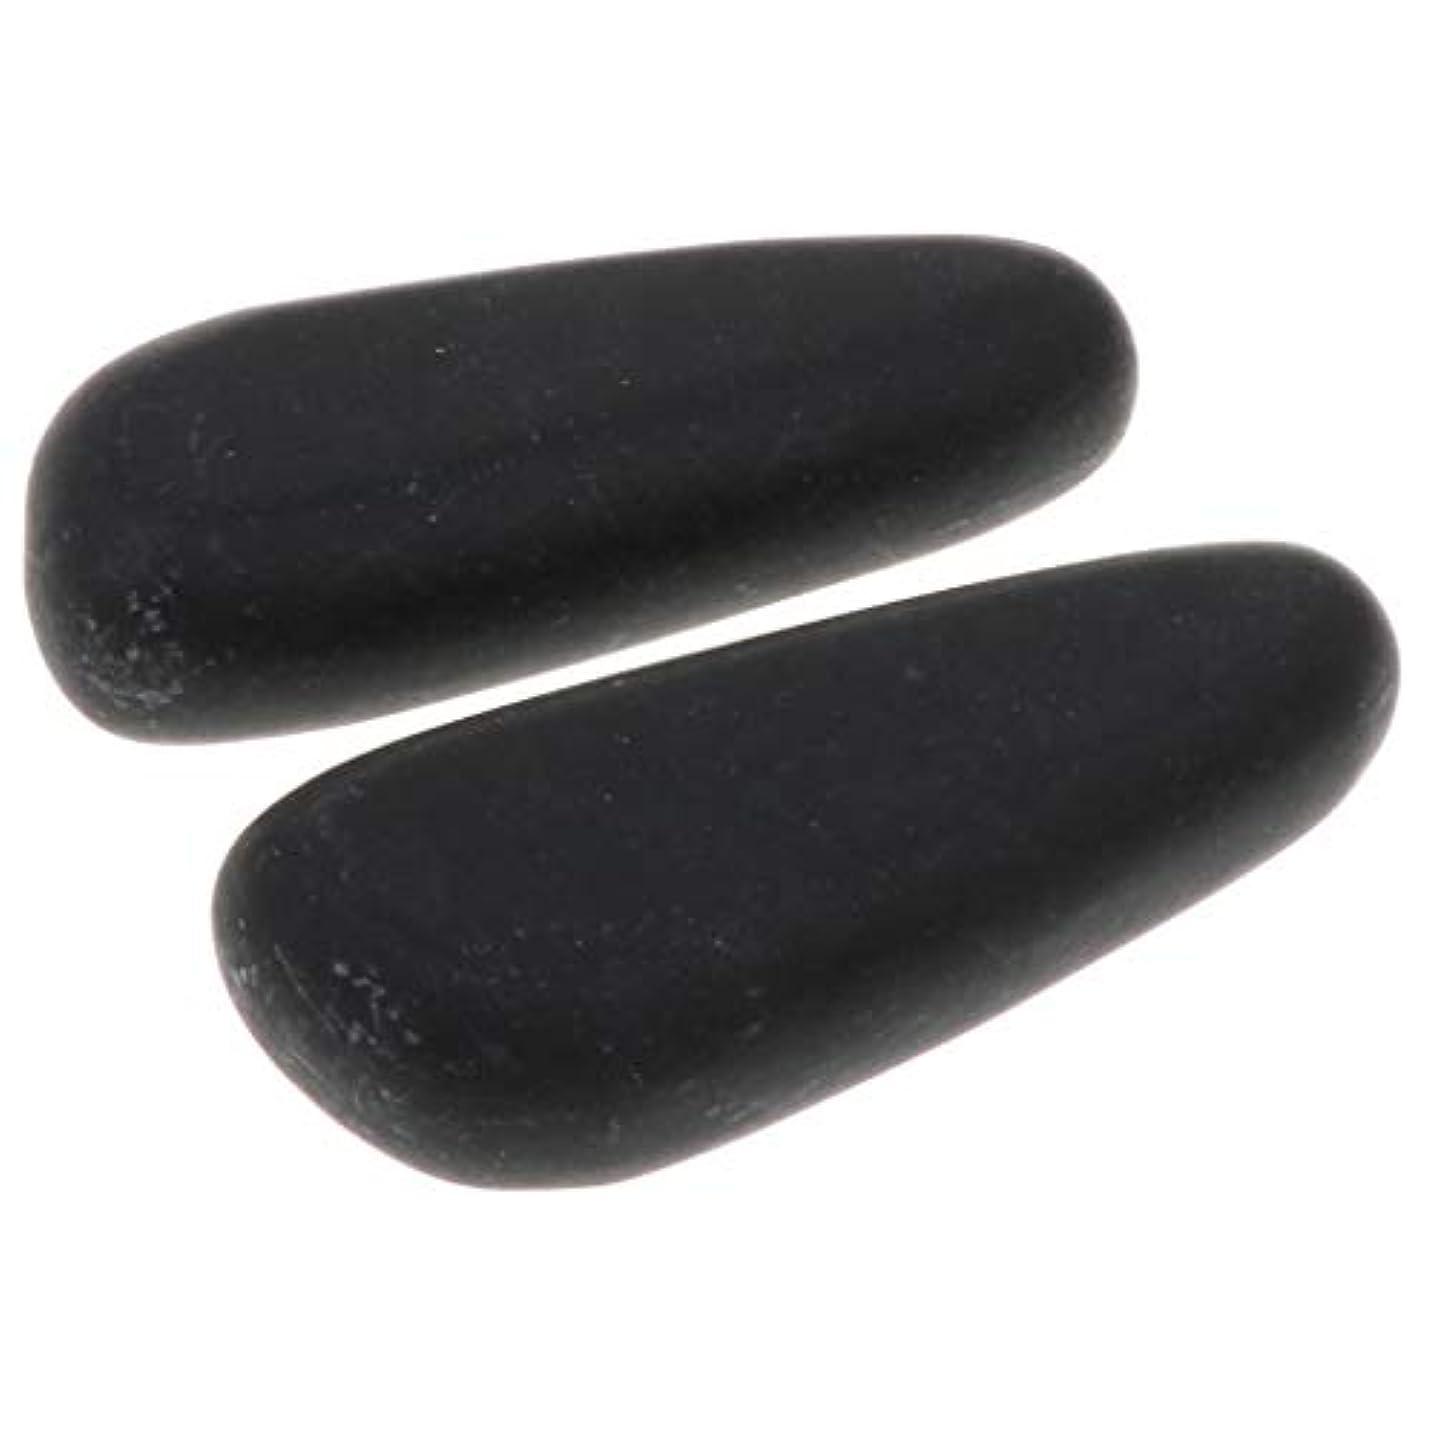 スイス人弁護士論争的全2サイズ ホットストーン マッサージ石 マッサージストーン 玄武岩 ボディマッサージ スパ 2個入 - 8×3.2×2cm